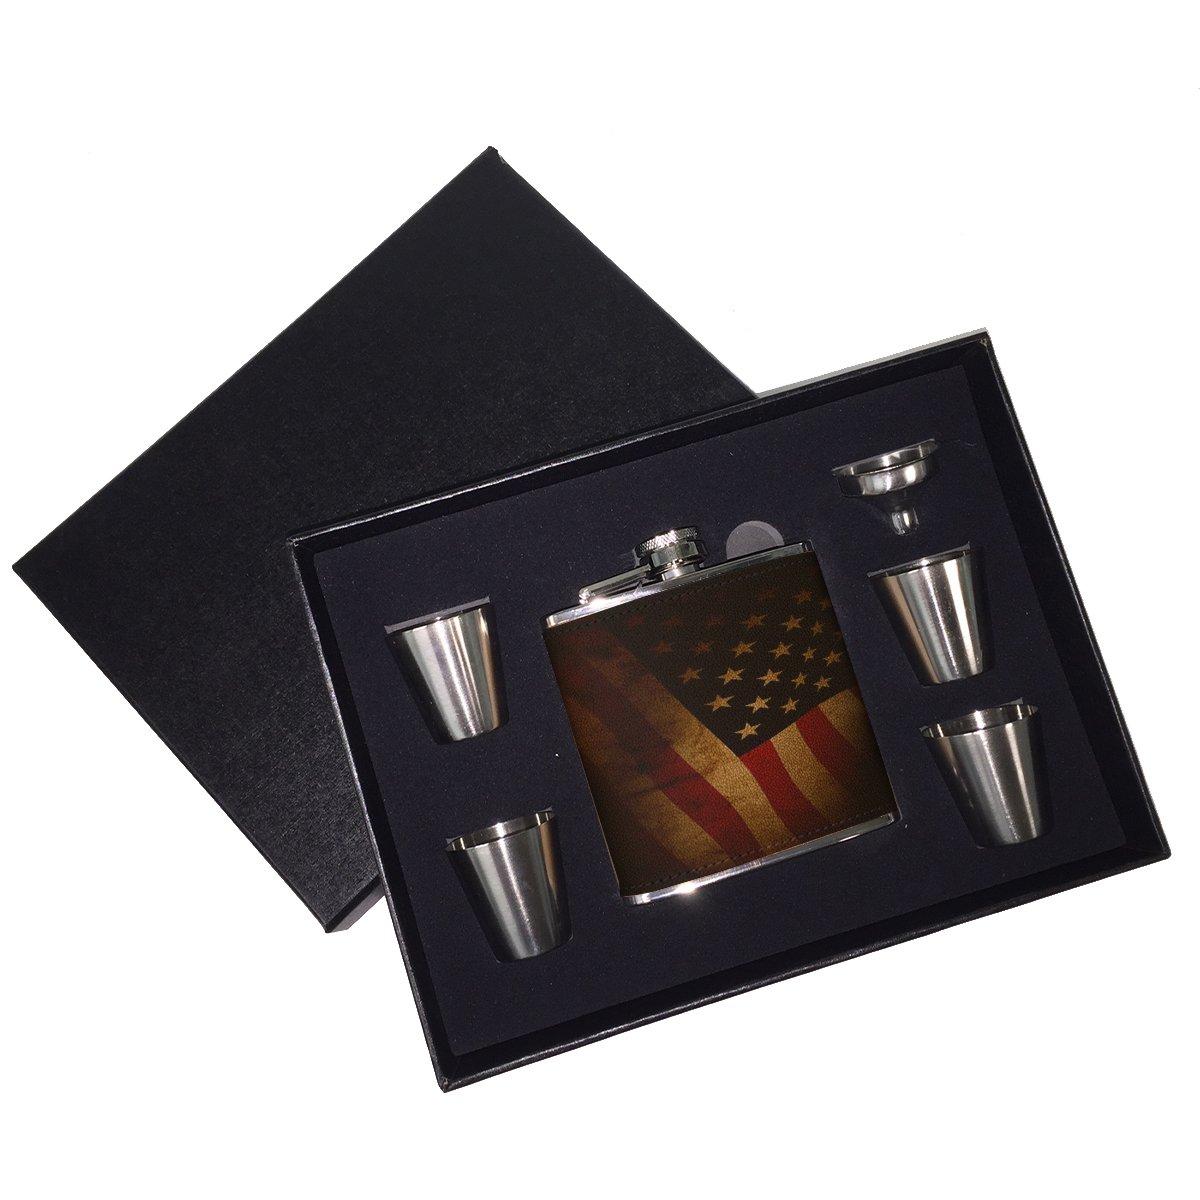 高い品質 アメリカ国旗 – レザーフラスコギフトセット アメリカ国旗 B01J1885IU, DAgDART オリジナルシルバーアクセ:ab23c80d --- a0267596.xsph.ru